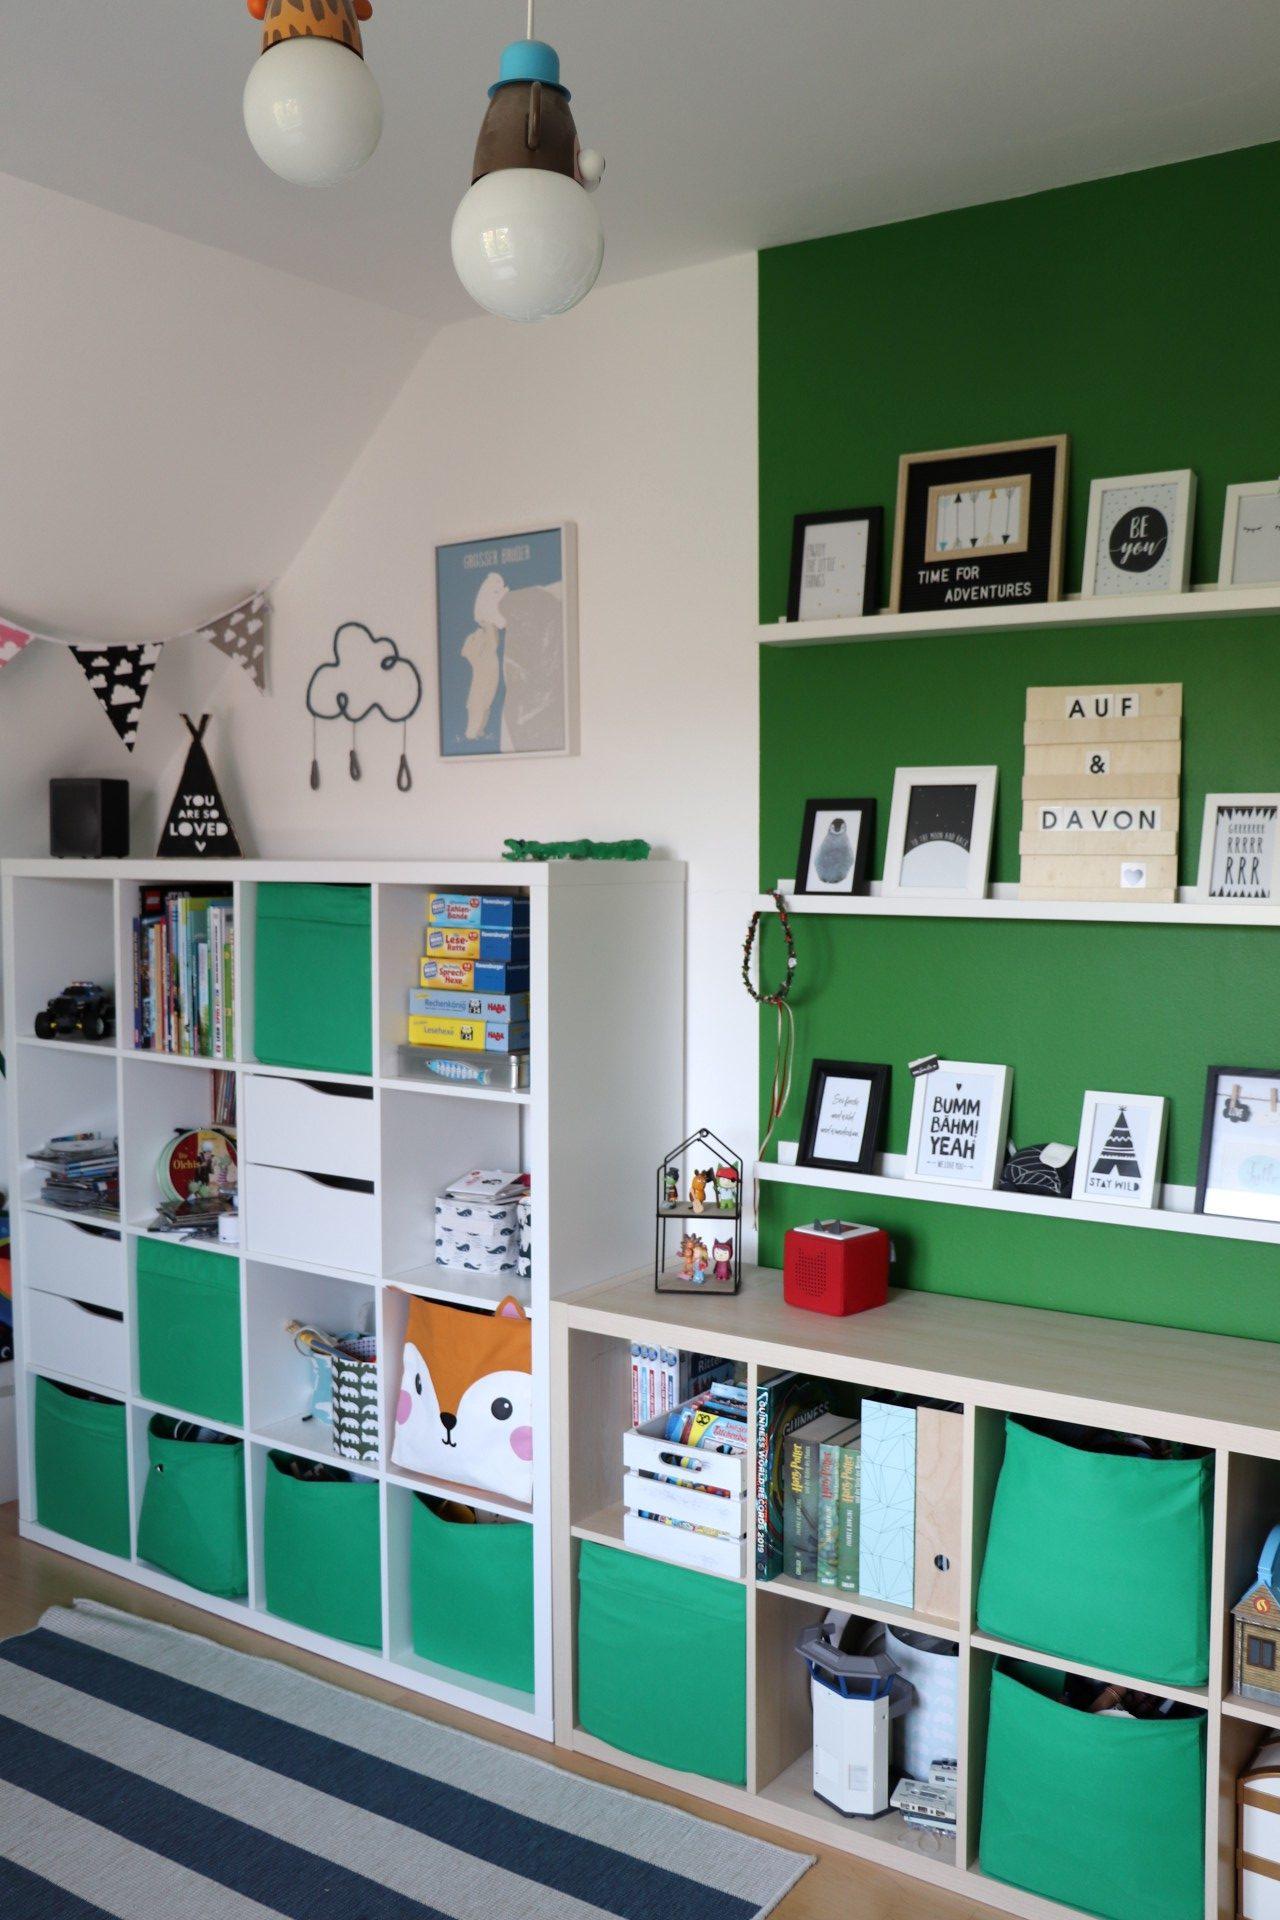 Full Size of Einrichtung Kinderzimmer Einrichten Jungen Lavendelblog Regal Sofa Regale Weiß Kinderzimmer Einrichtung Kinderzimmer